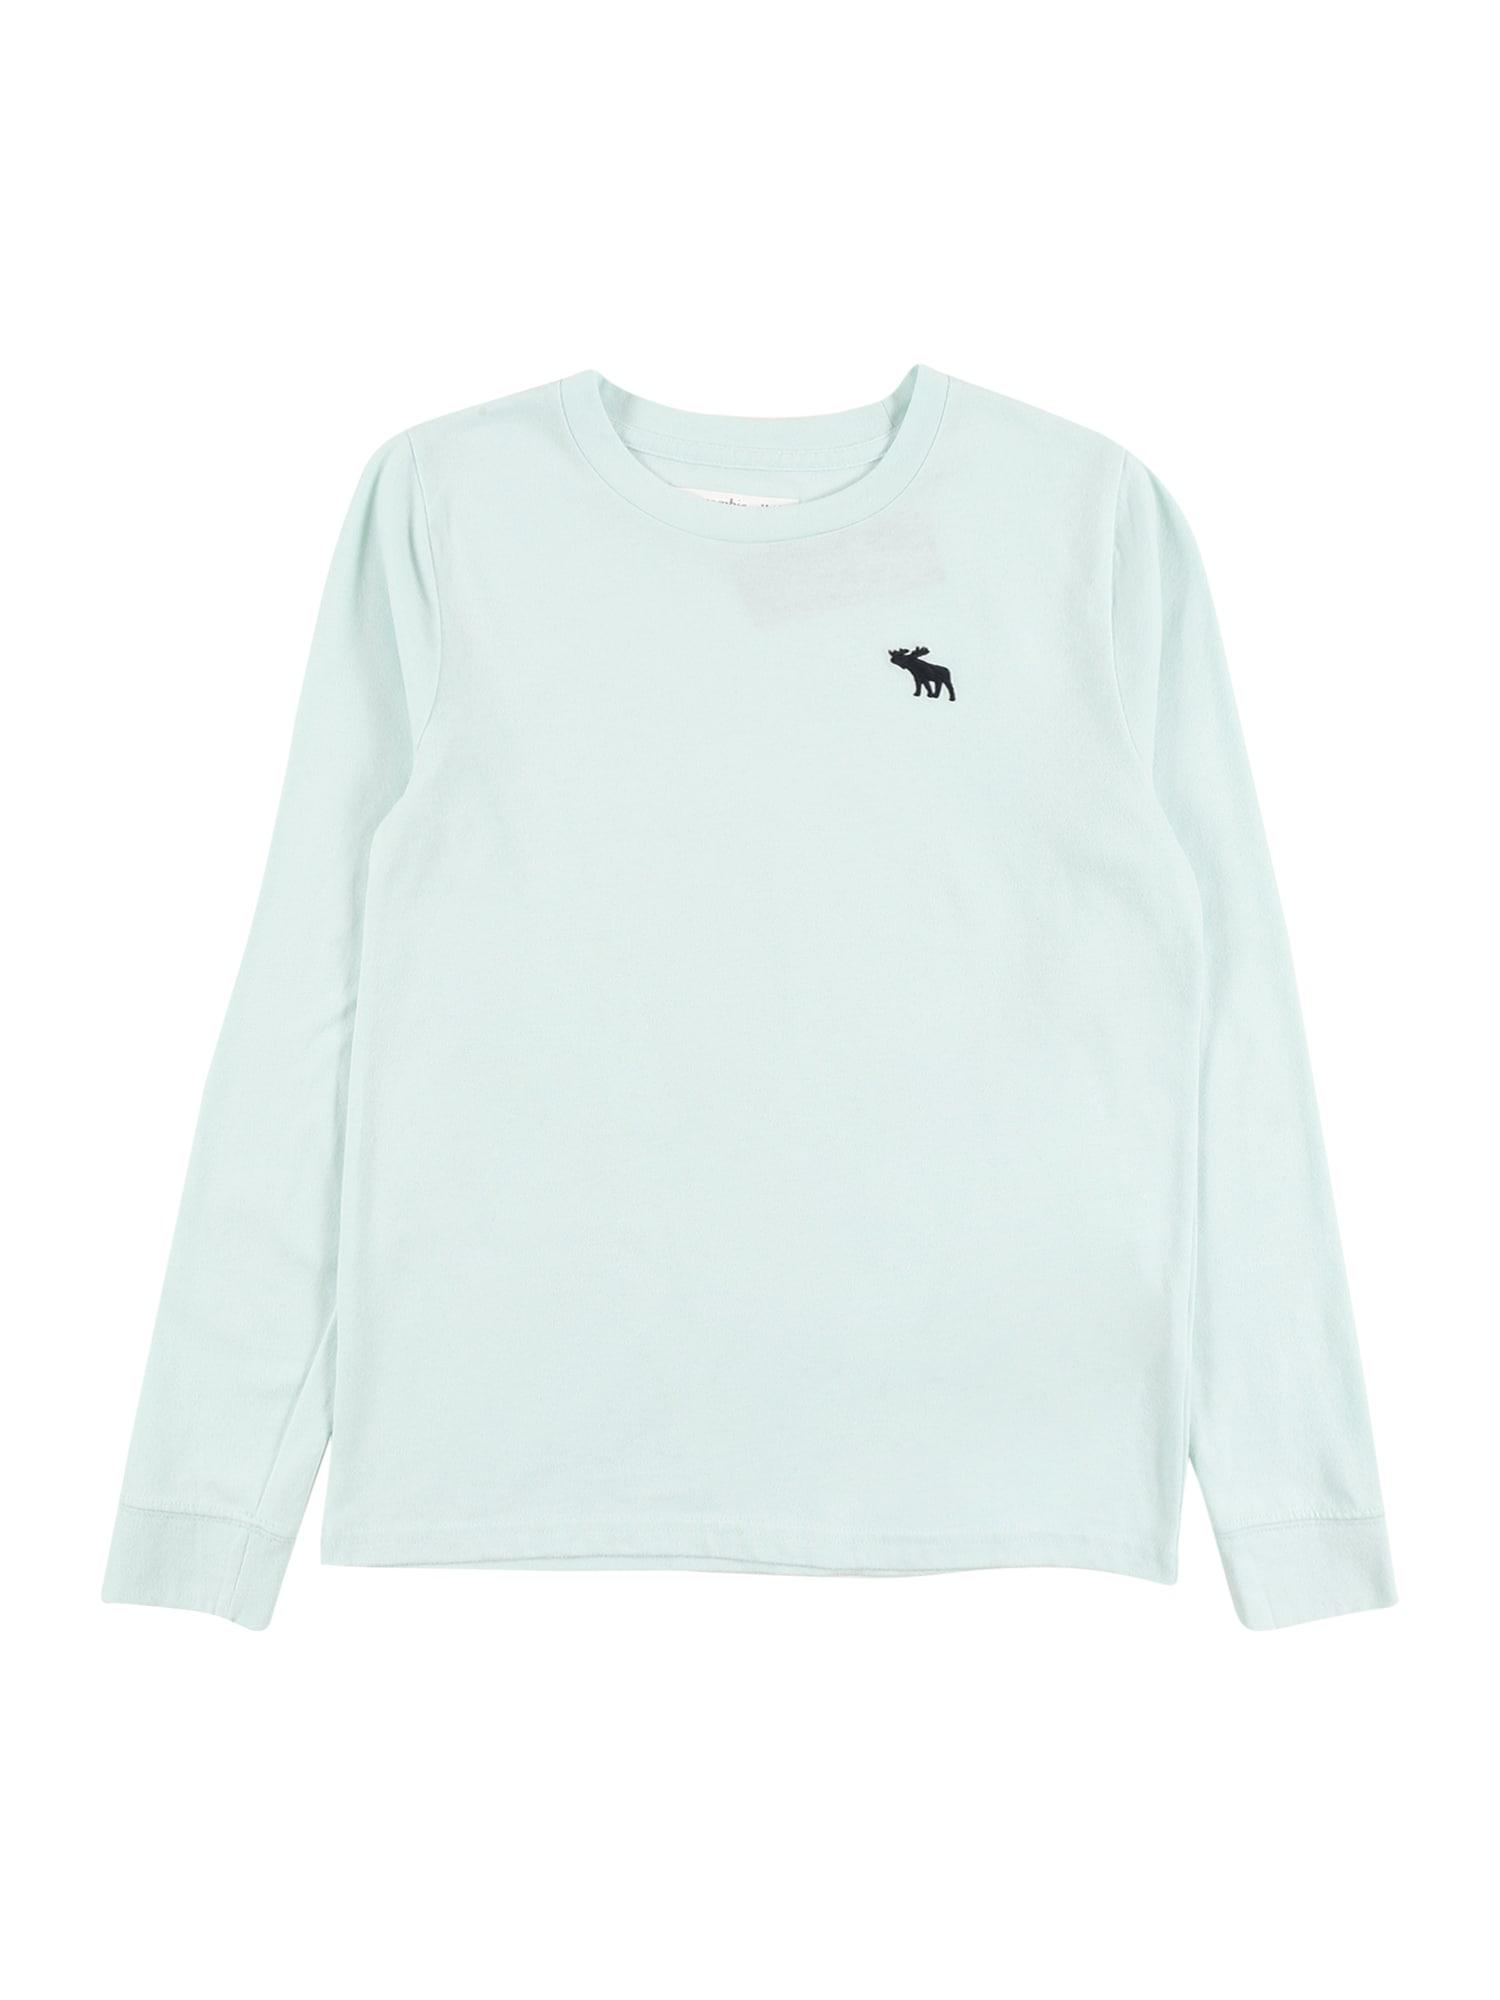 Abercrombie & Fitch Marškinėliai mėtų spalva